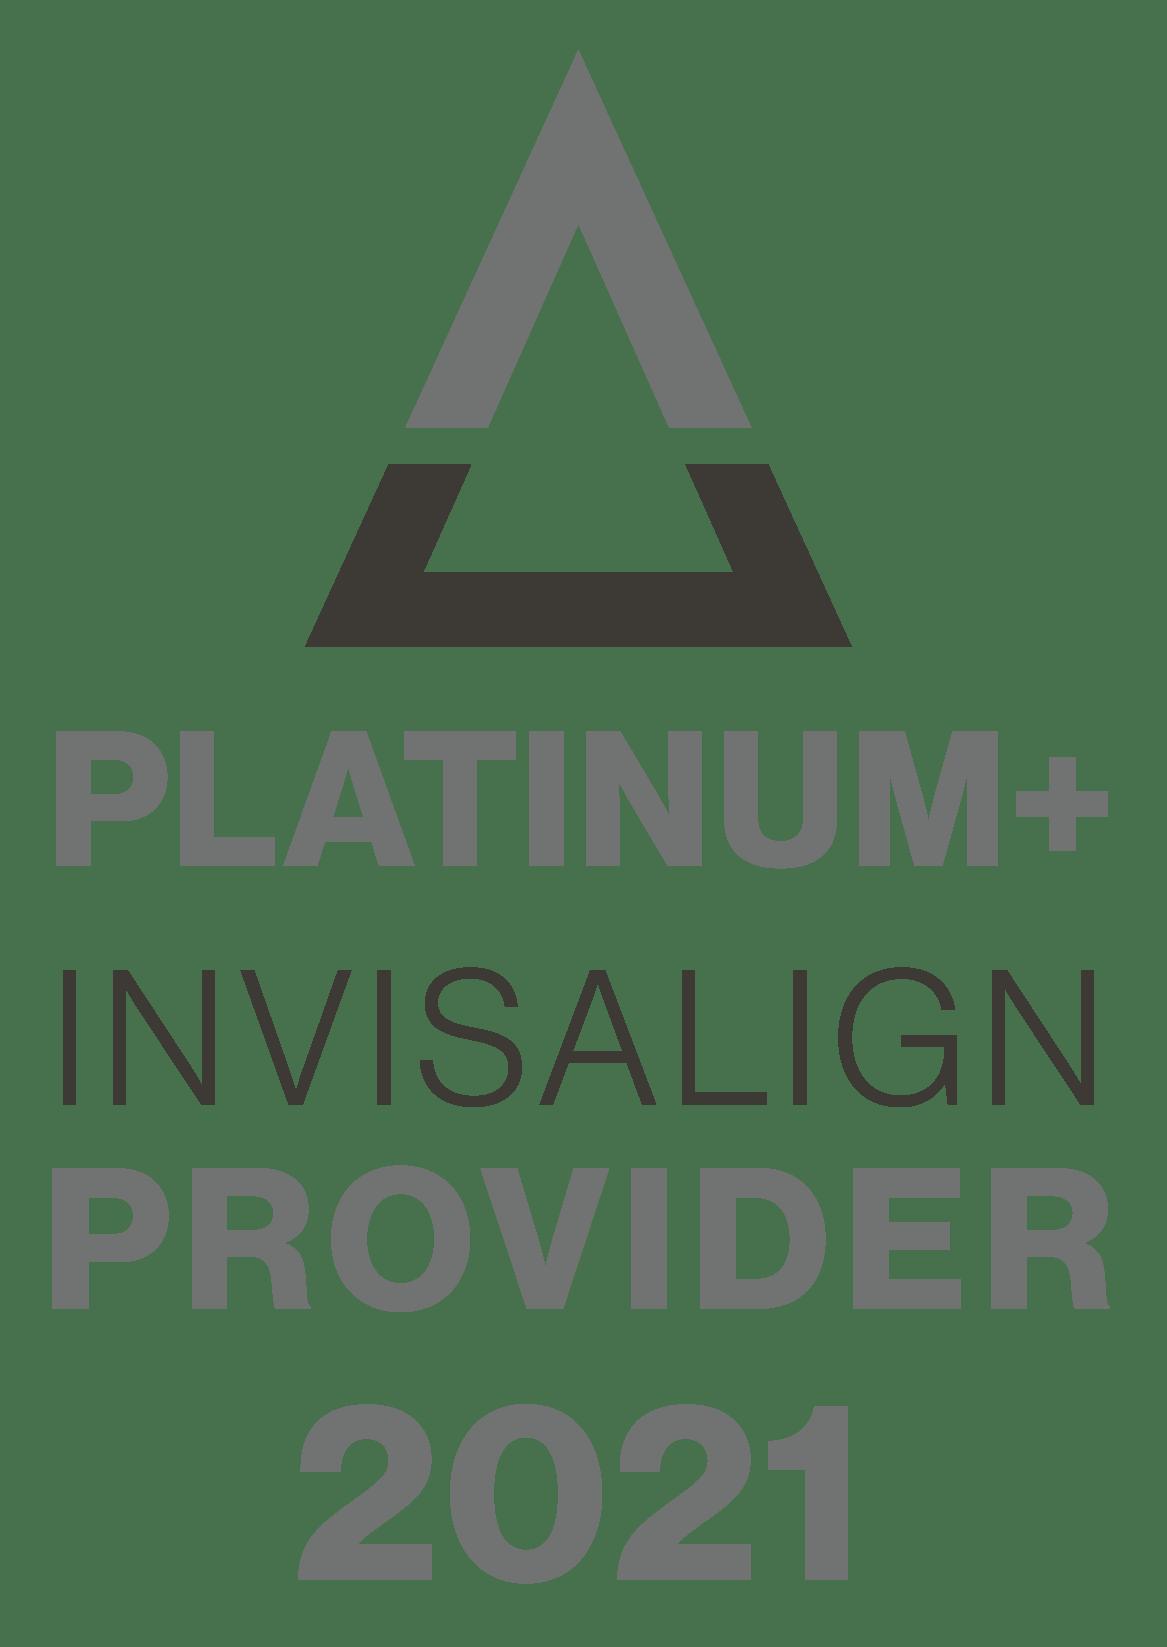 Platinum Invisalign Provider 2021 Badge